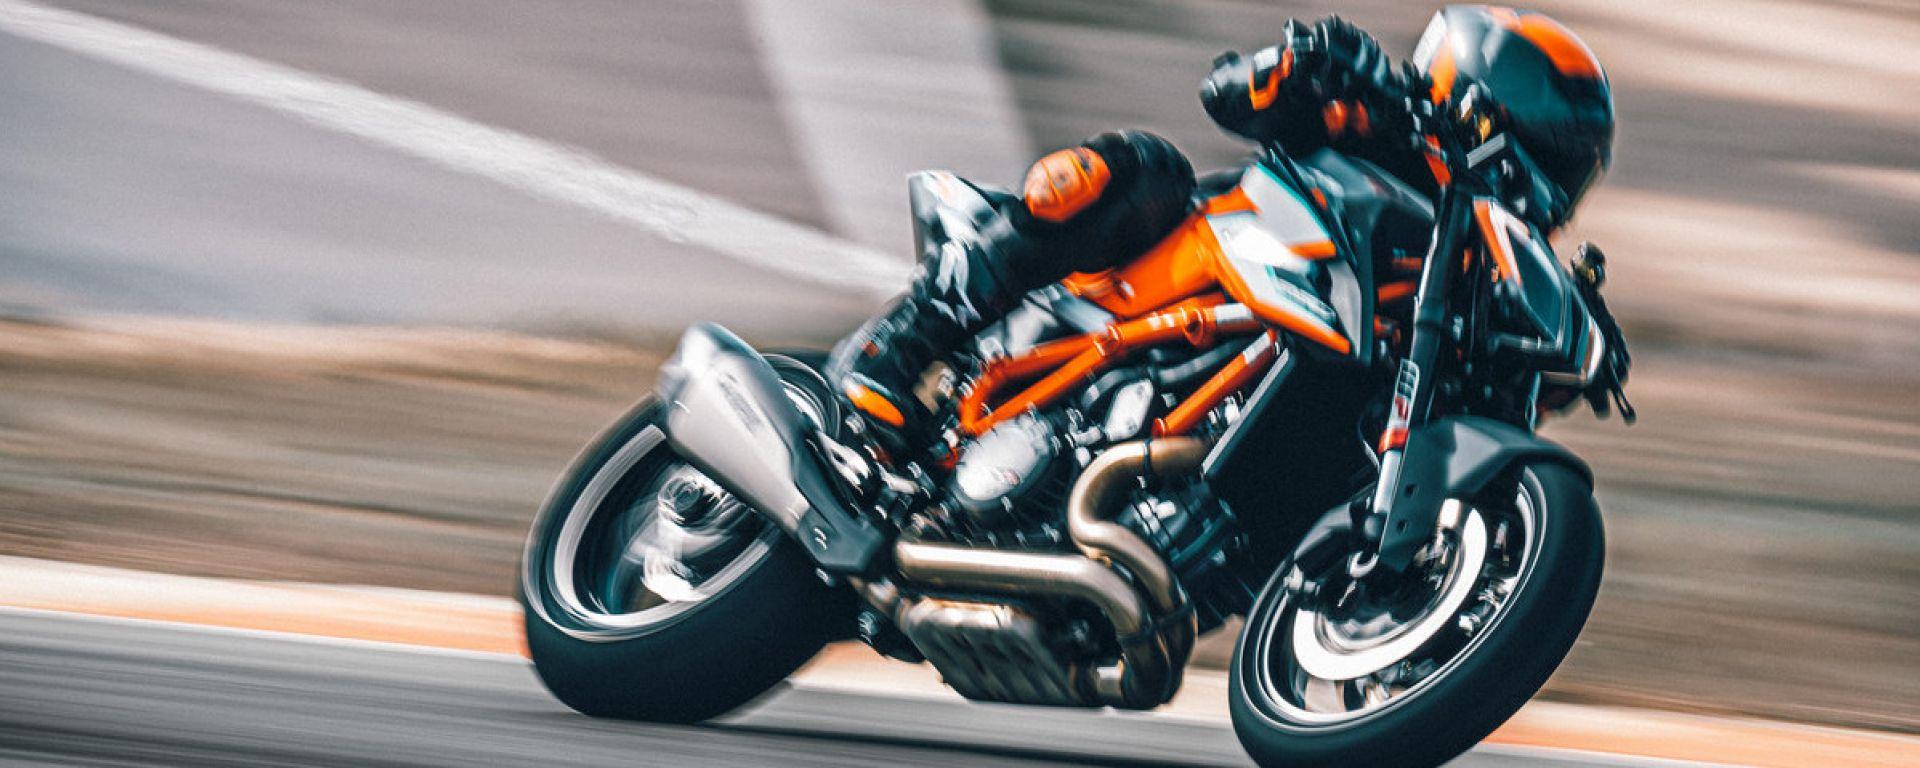 KTM 1290 Super Duke RR 2021: ancor più estrema